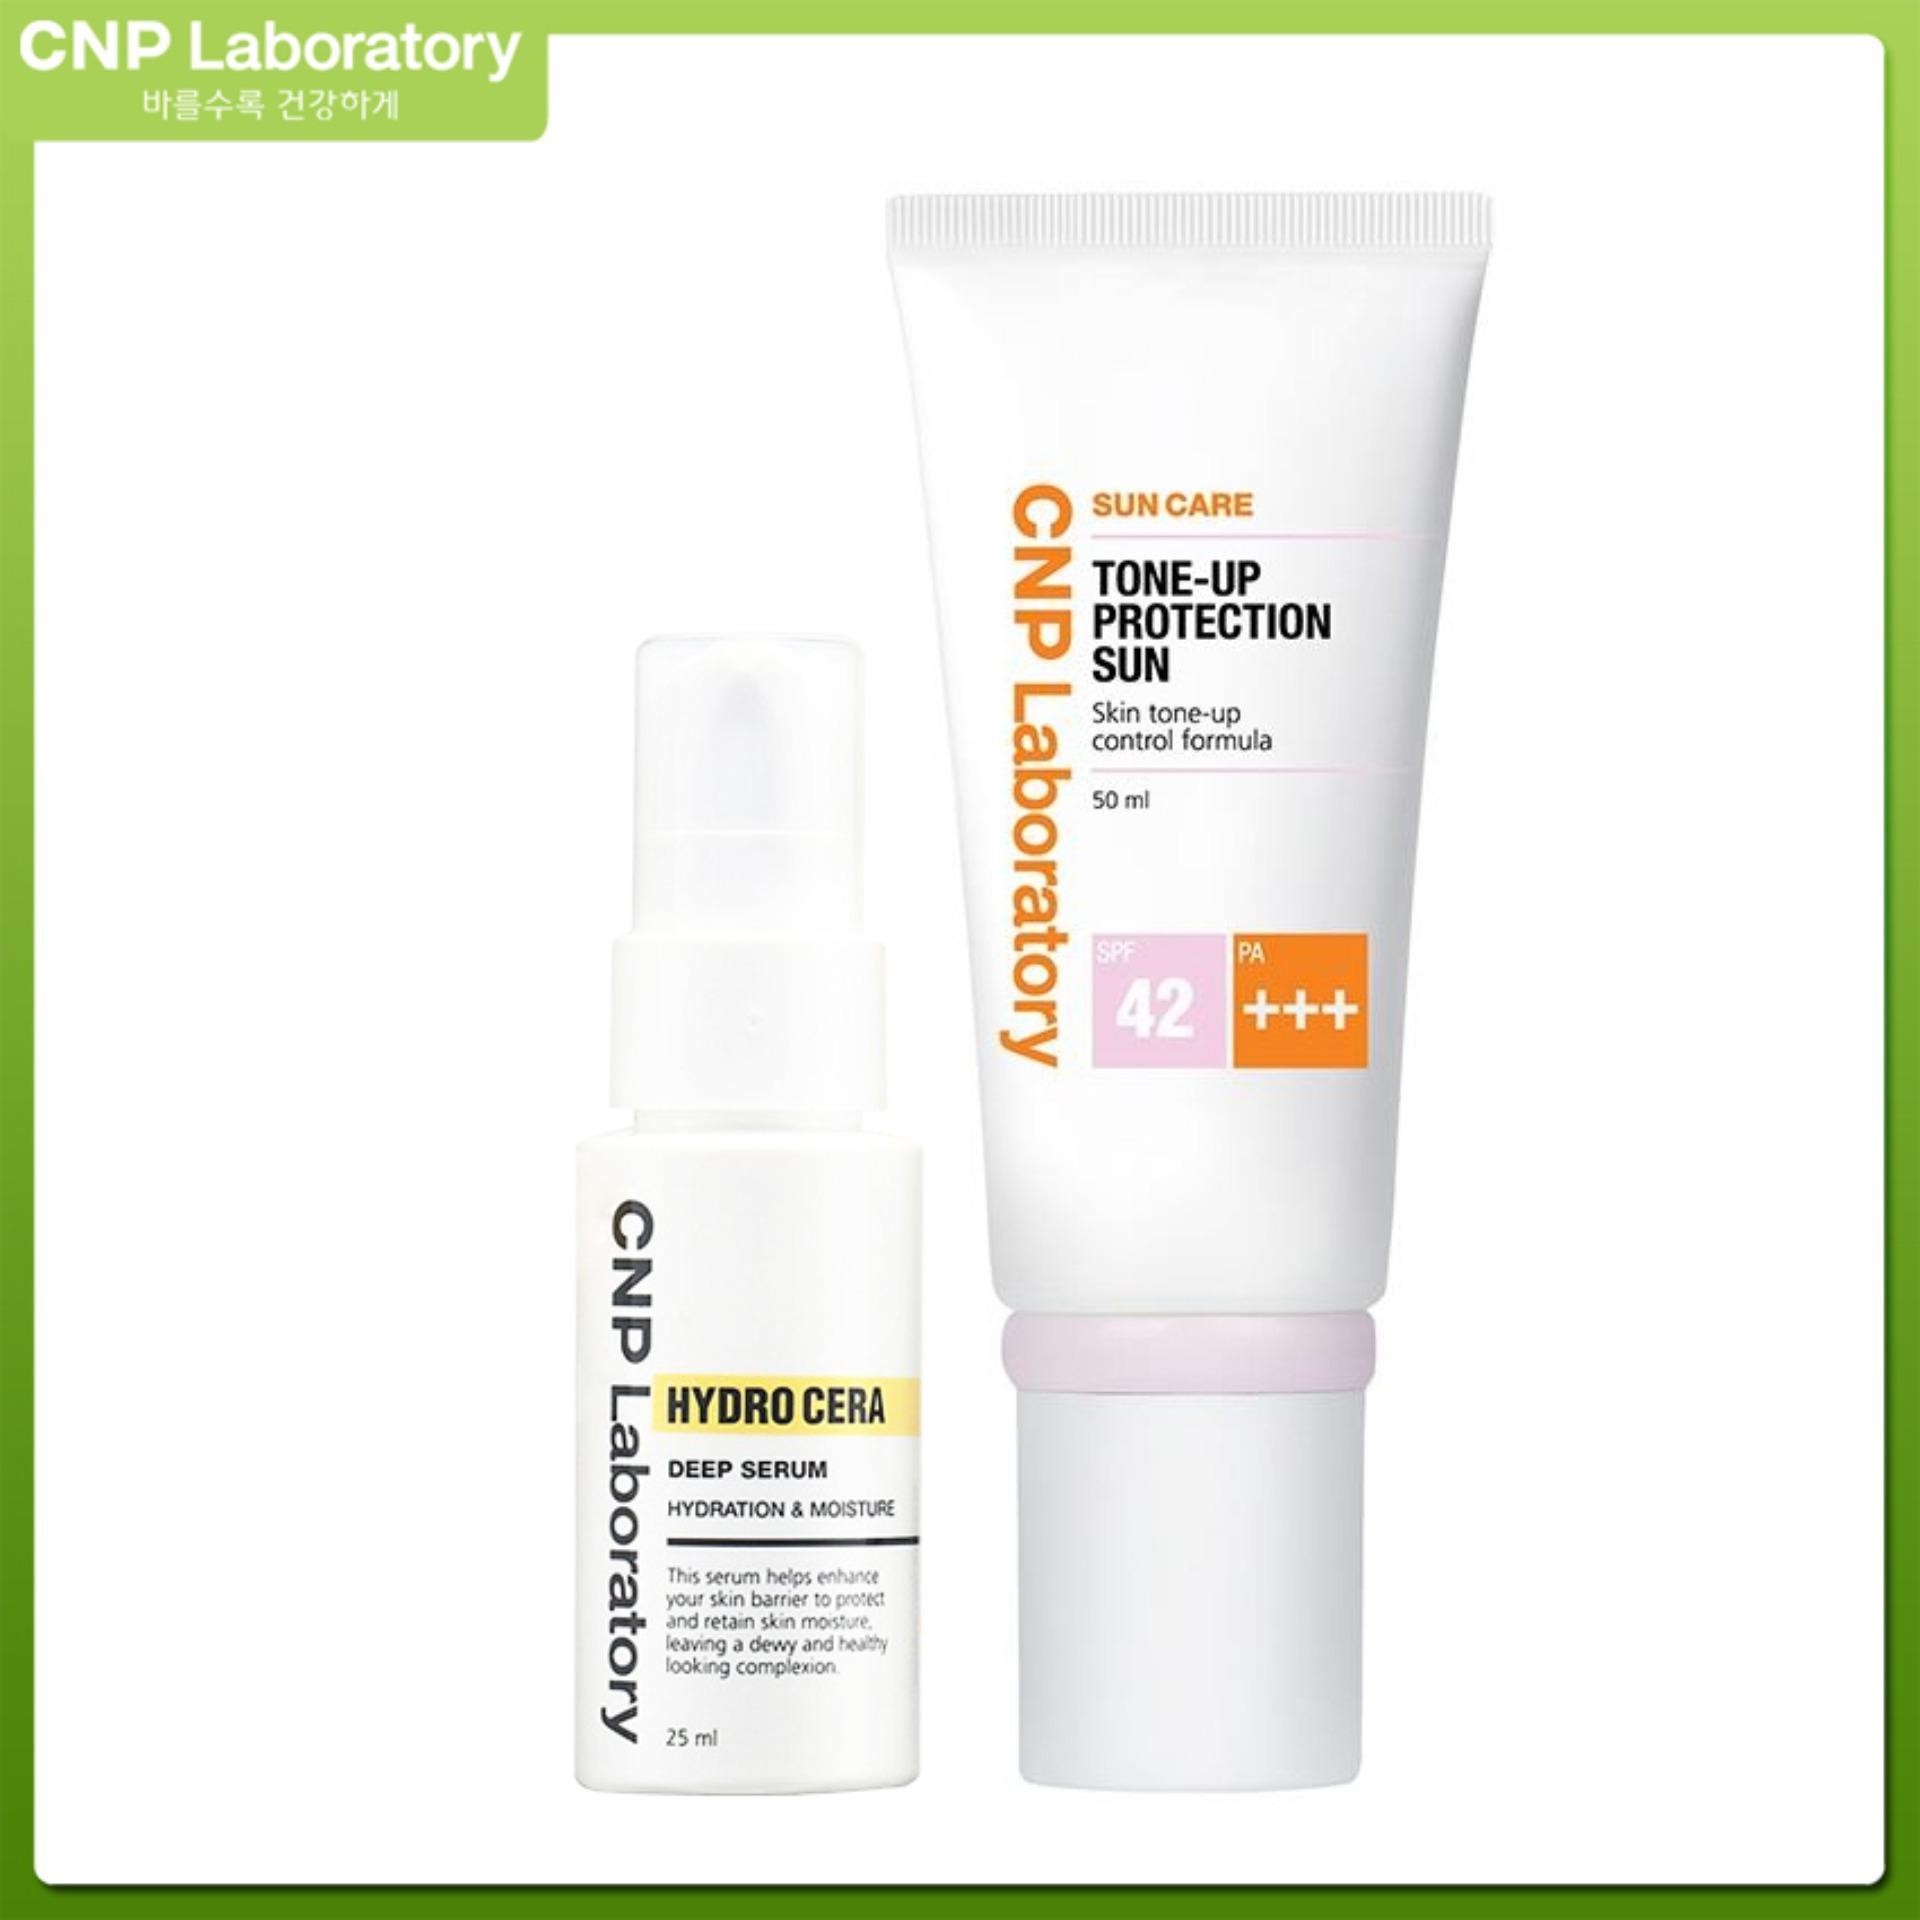 Combo Kem chống nắng nâng tông da CNP Laboratory Tone-Up Protection Sun SPF42/PA+++ 50ml và Tinh chất dưỡng ẩm Hydro Cera Serum 25ml